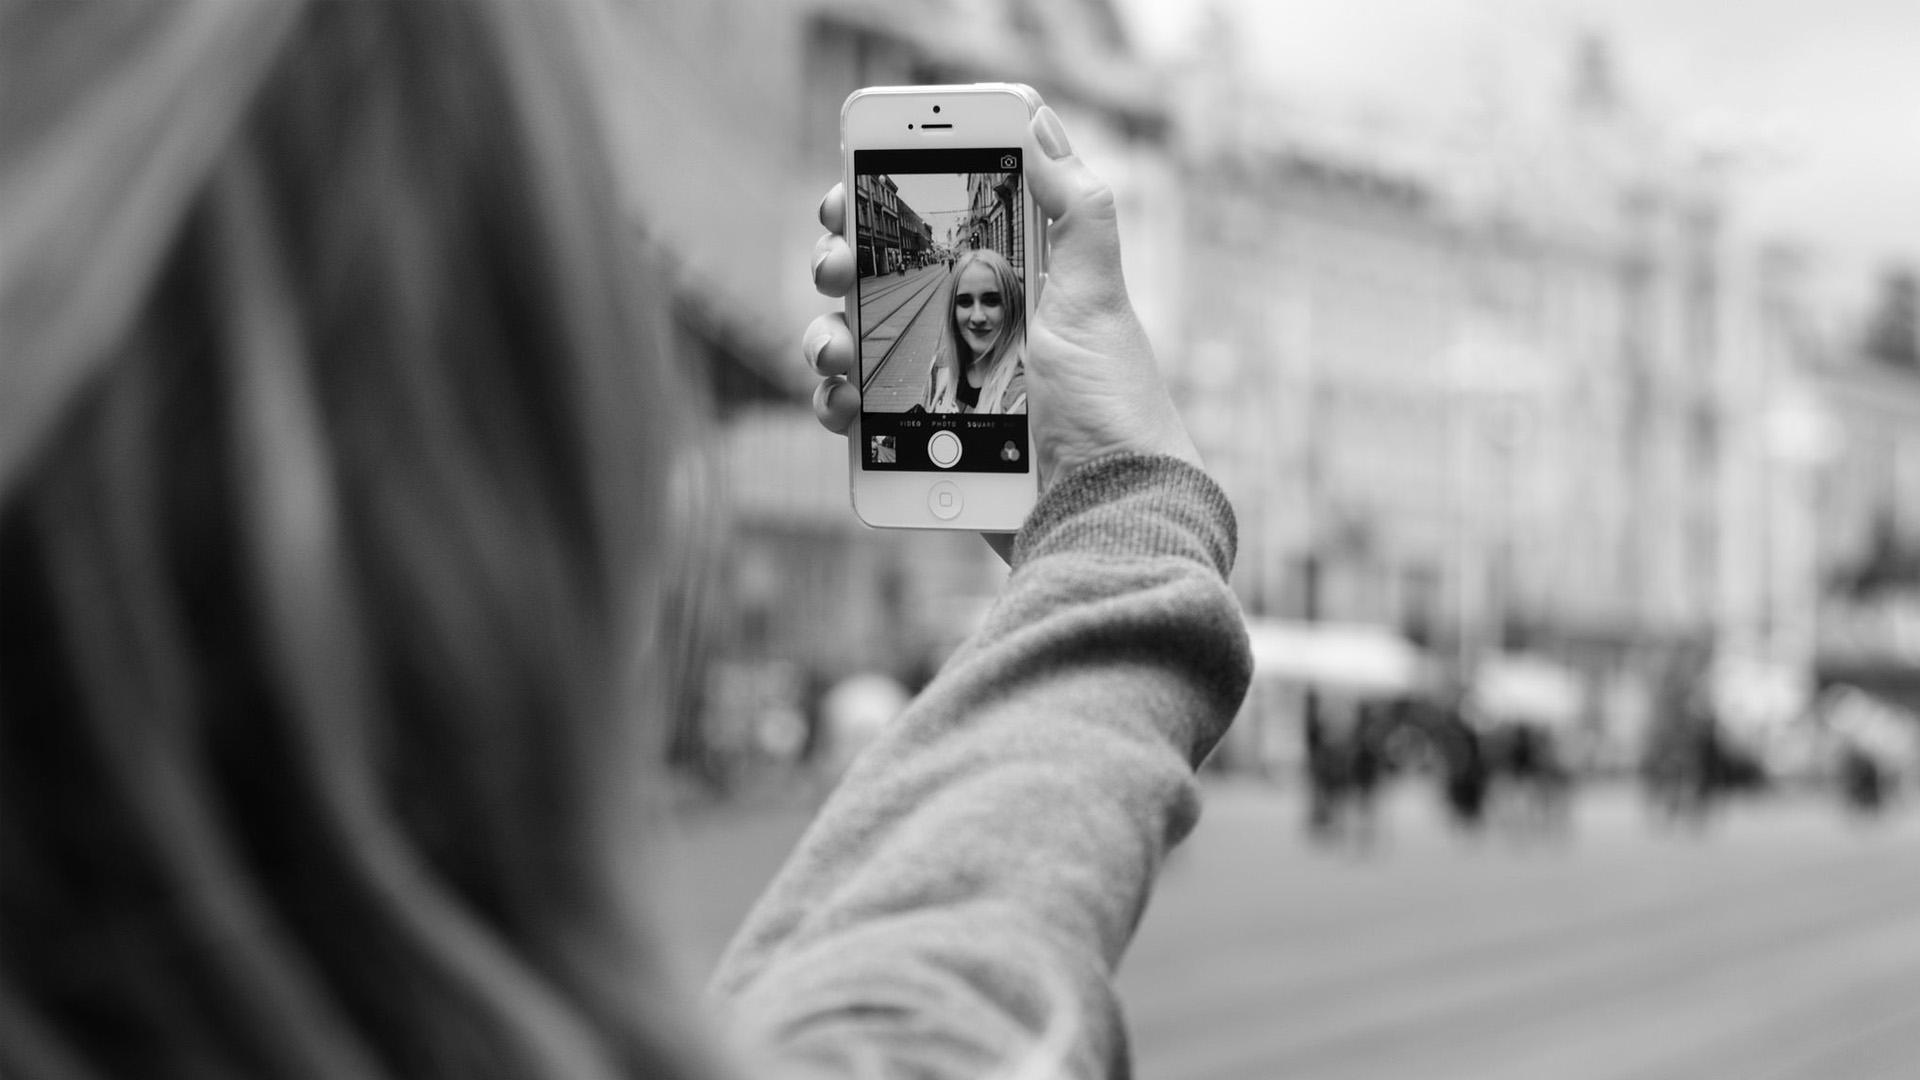 Un nuevo algoritmo puede detectar problemas mentales a través de los colores predominantes de las fotos